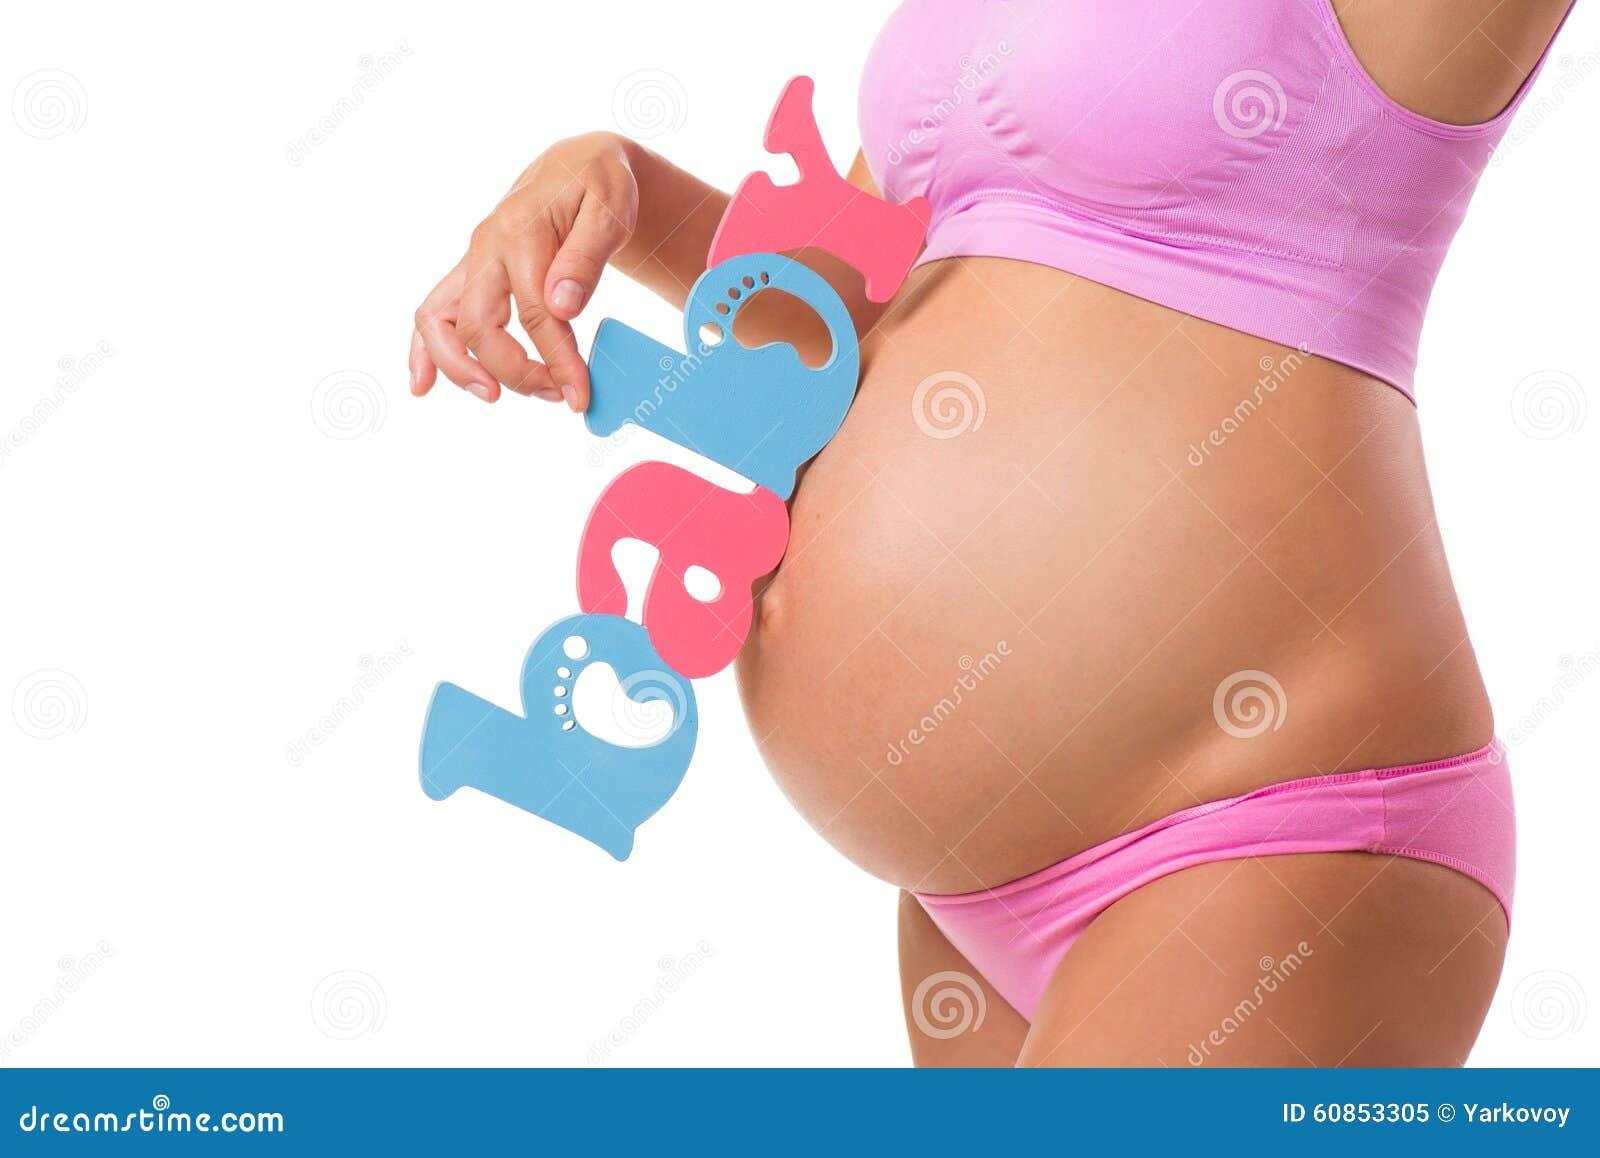 bilder schwanger mädchen beim sex